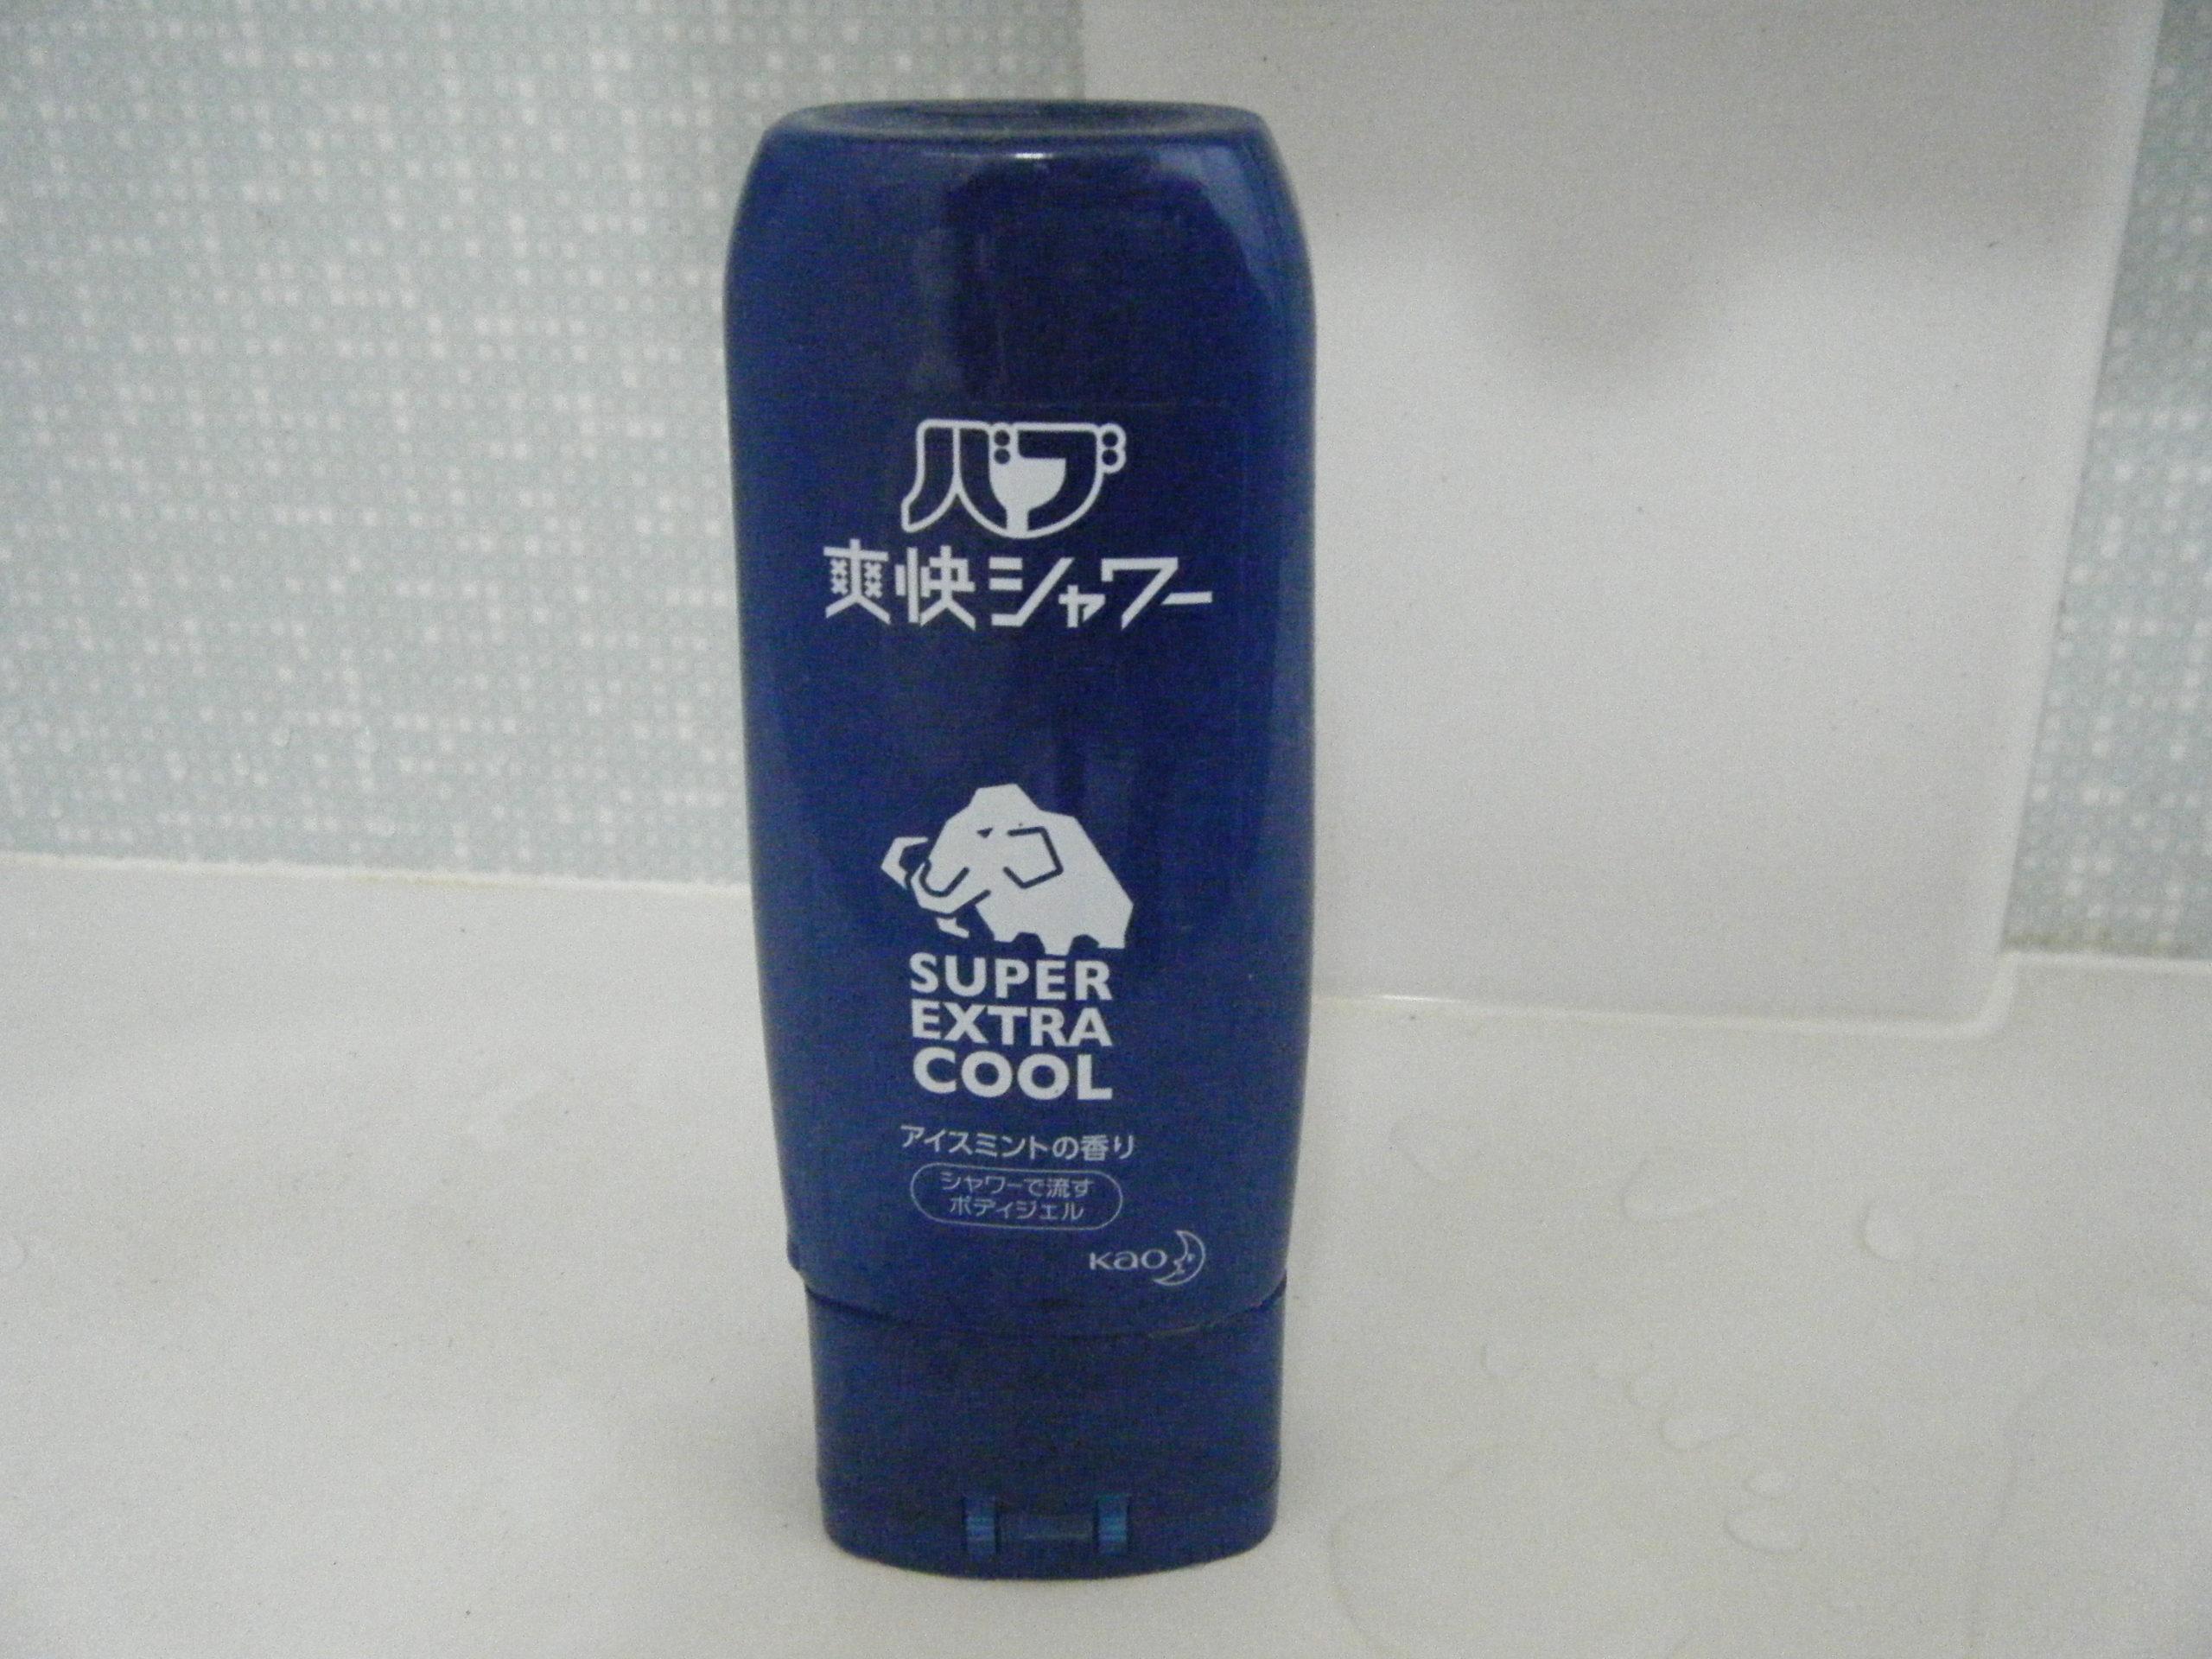 【花王のバブ爽快シャワー】全身冷却されるような素晴らしい涼感!